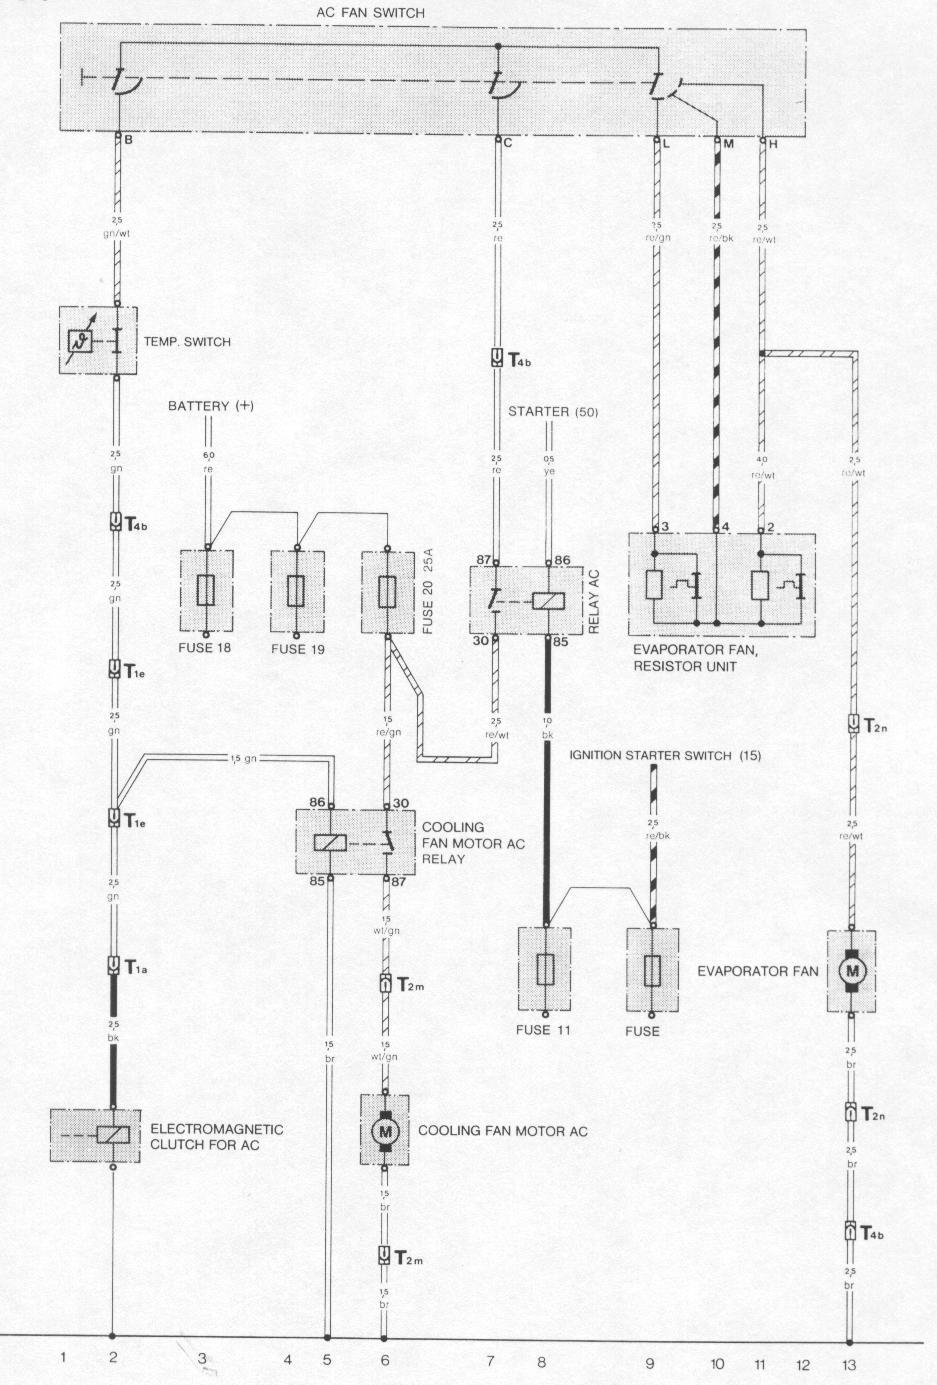 hight resolution of 1981 porsche 911 wiring diagram simple wiring diagram schema porsche wiring diagram 1978 1980 porsche 911 wiring diagram